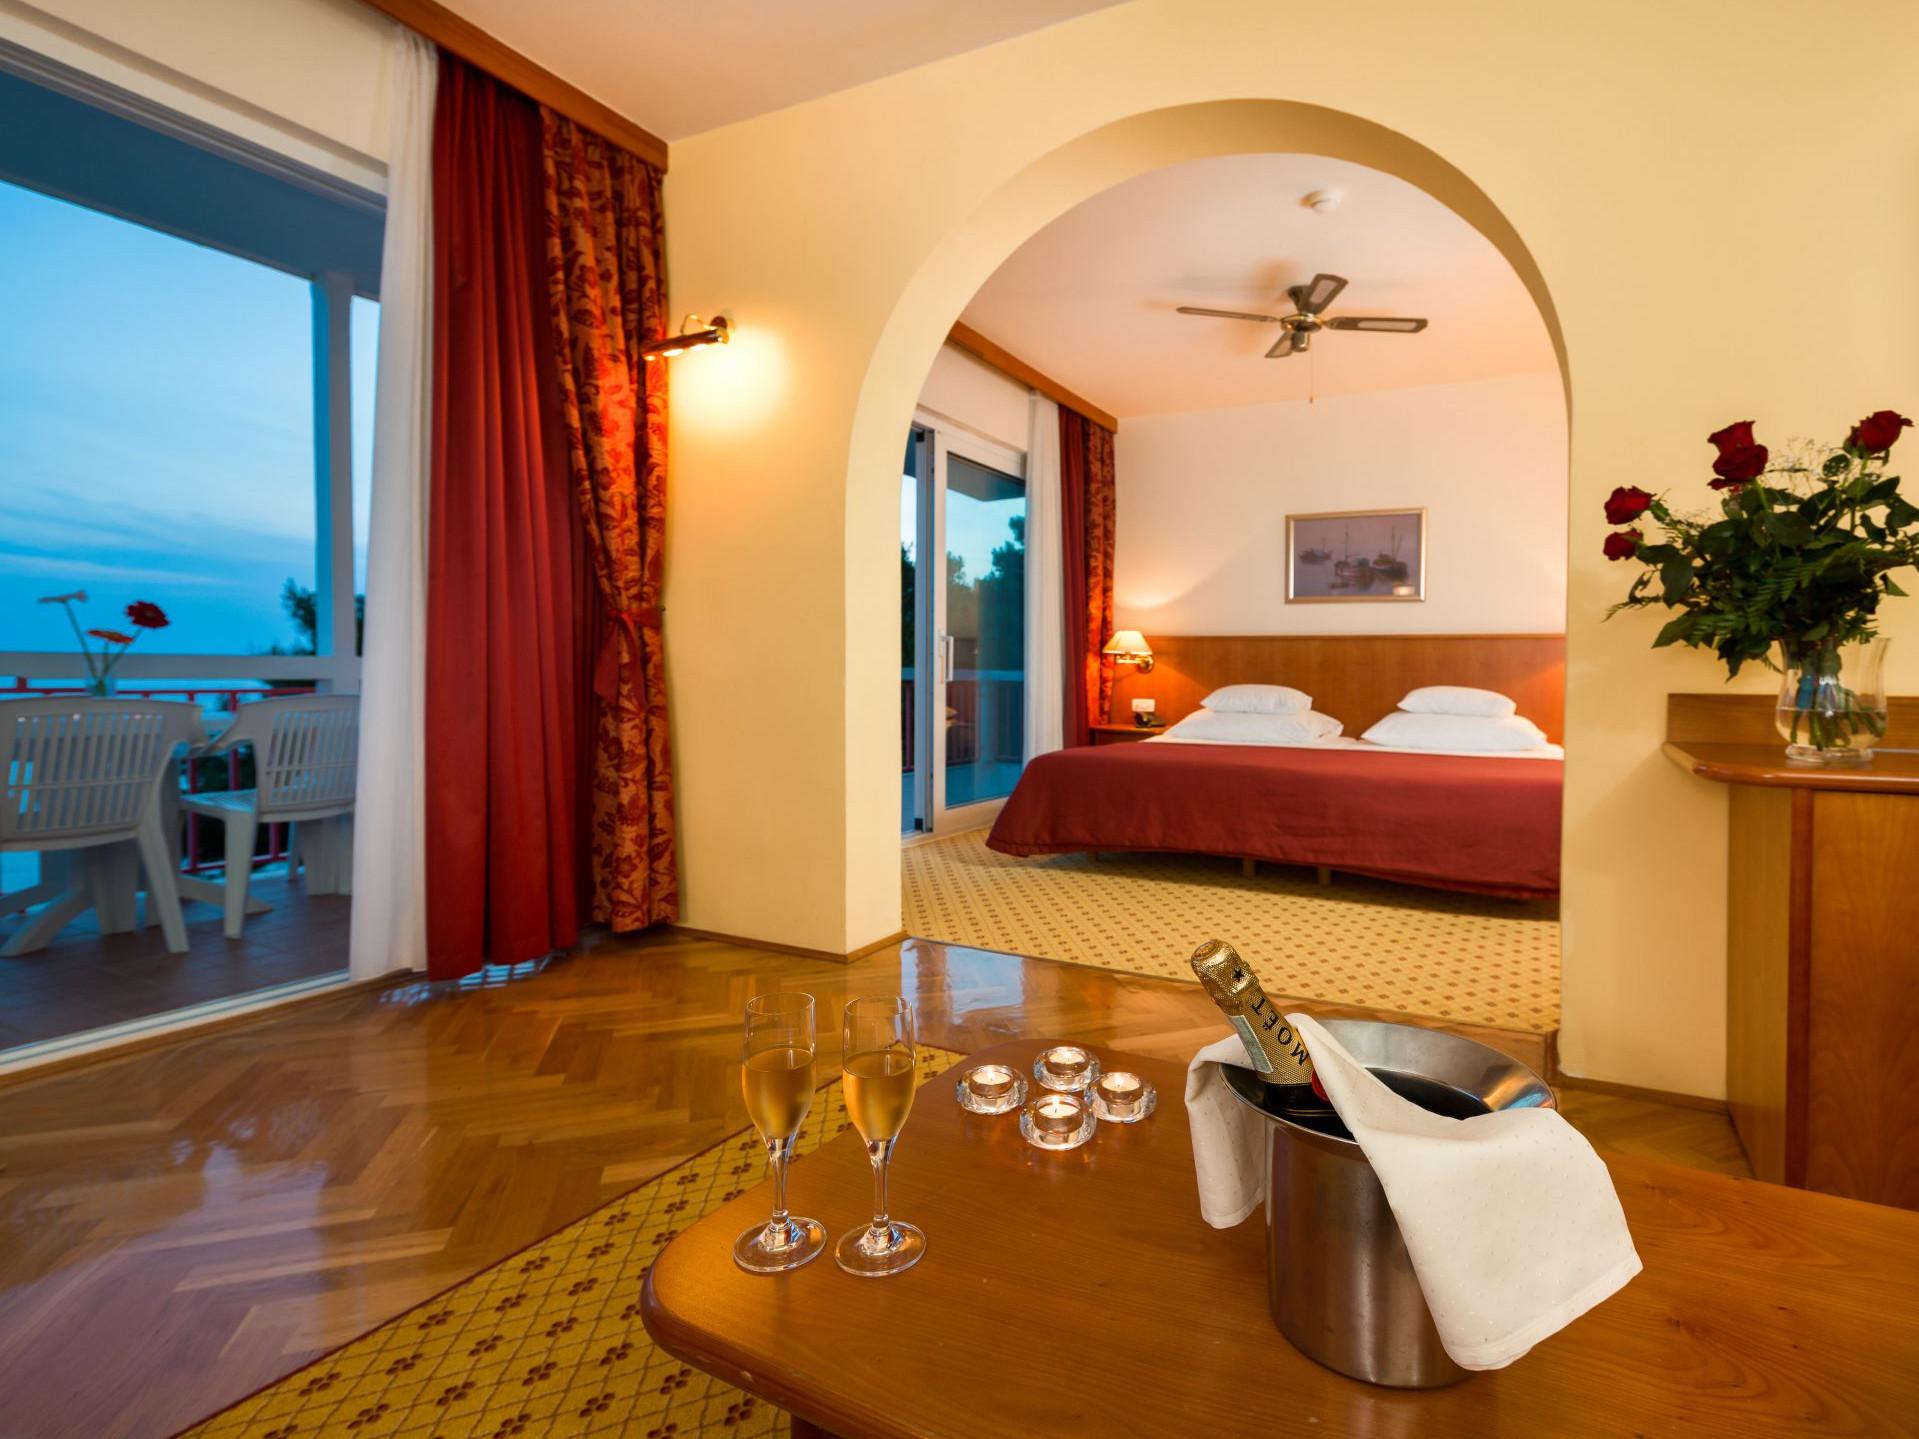 premier club suite 08 14822358151 o uai - Zora Hotel